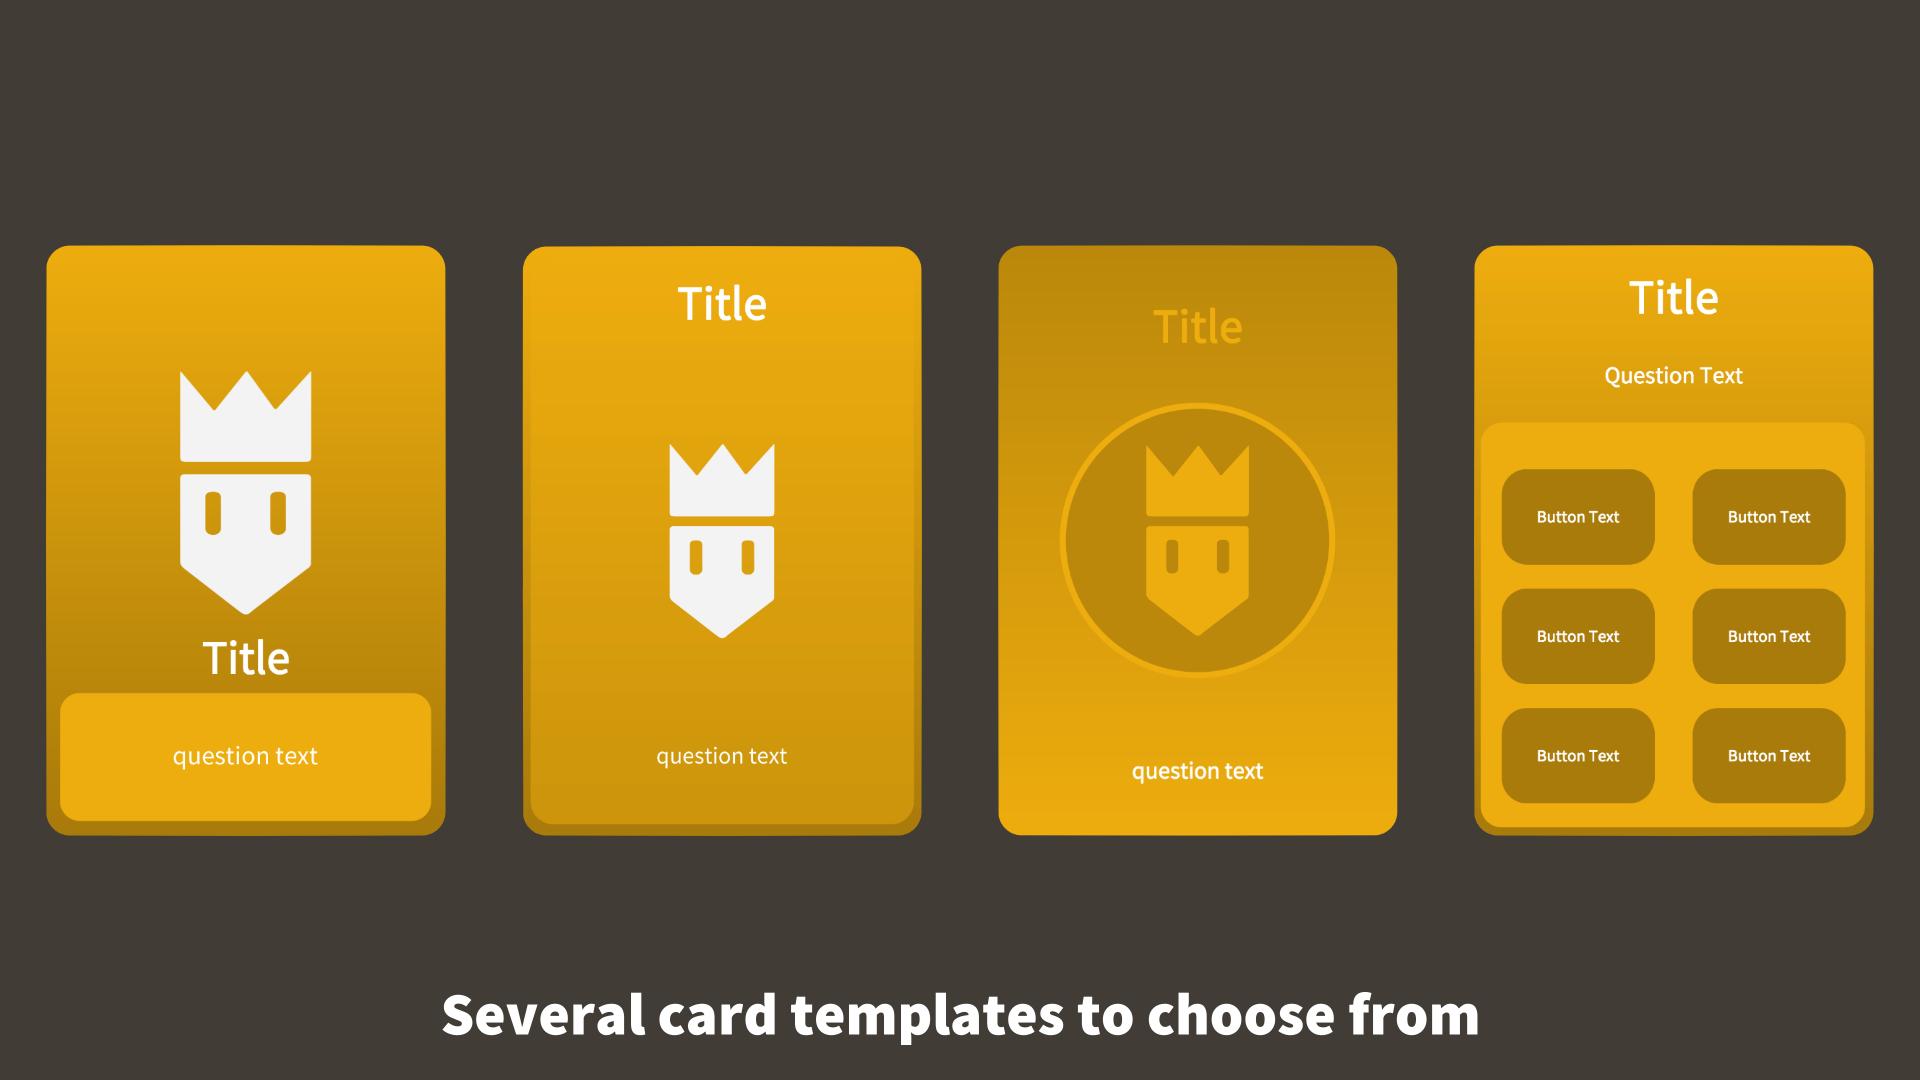 5cardTemplates.png